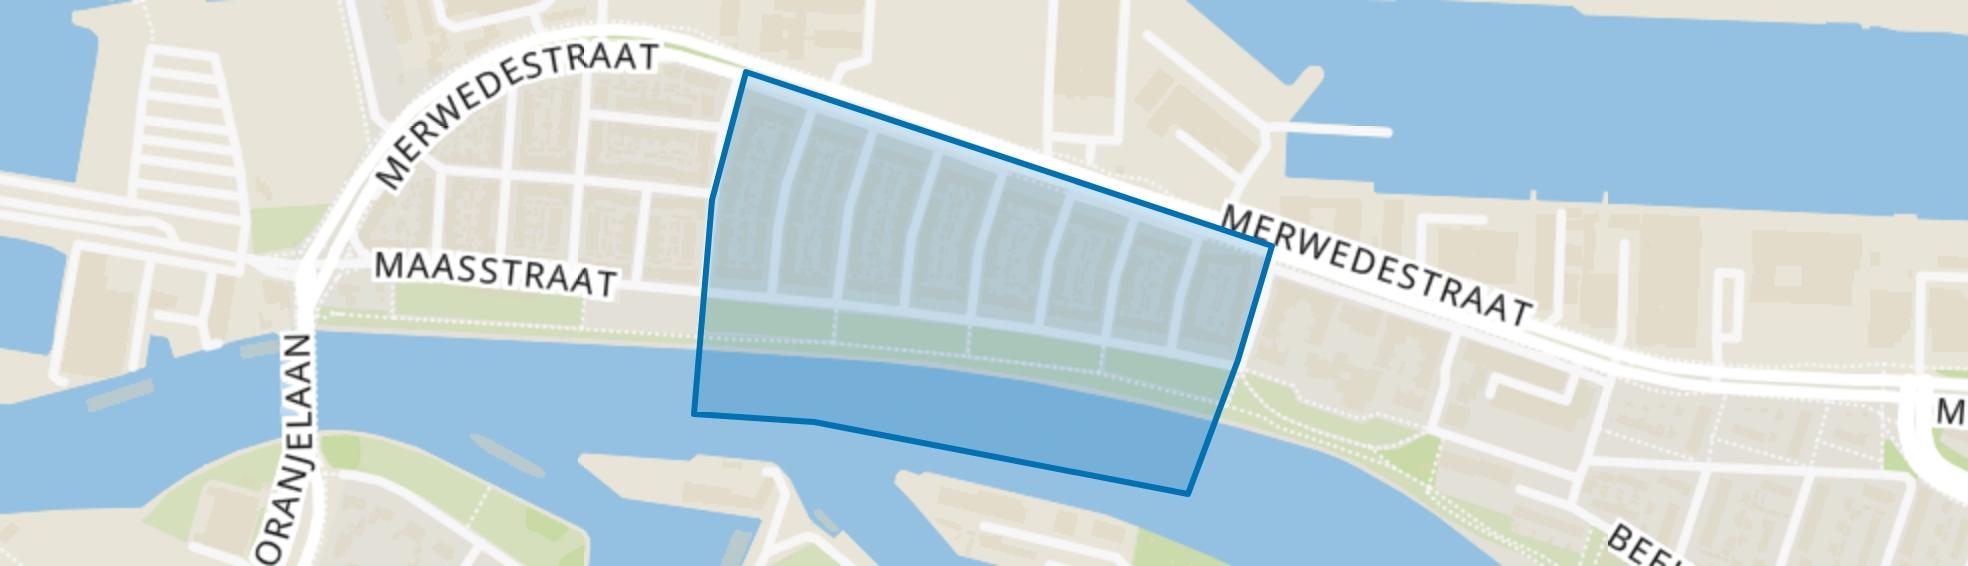 Amerstraat en omgeving, Dordrecht map